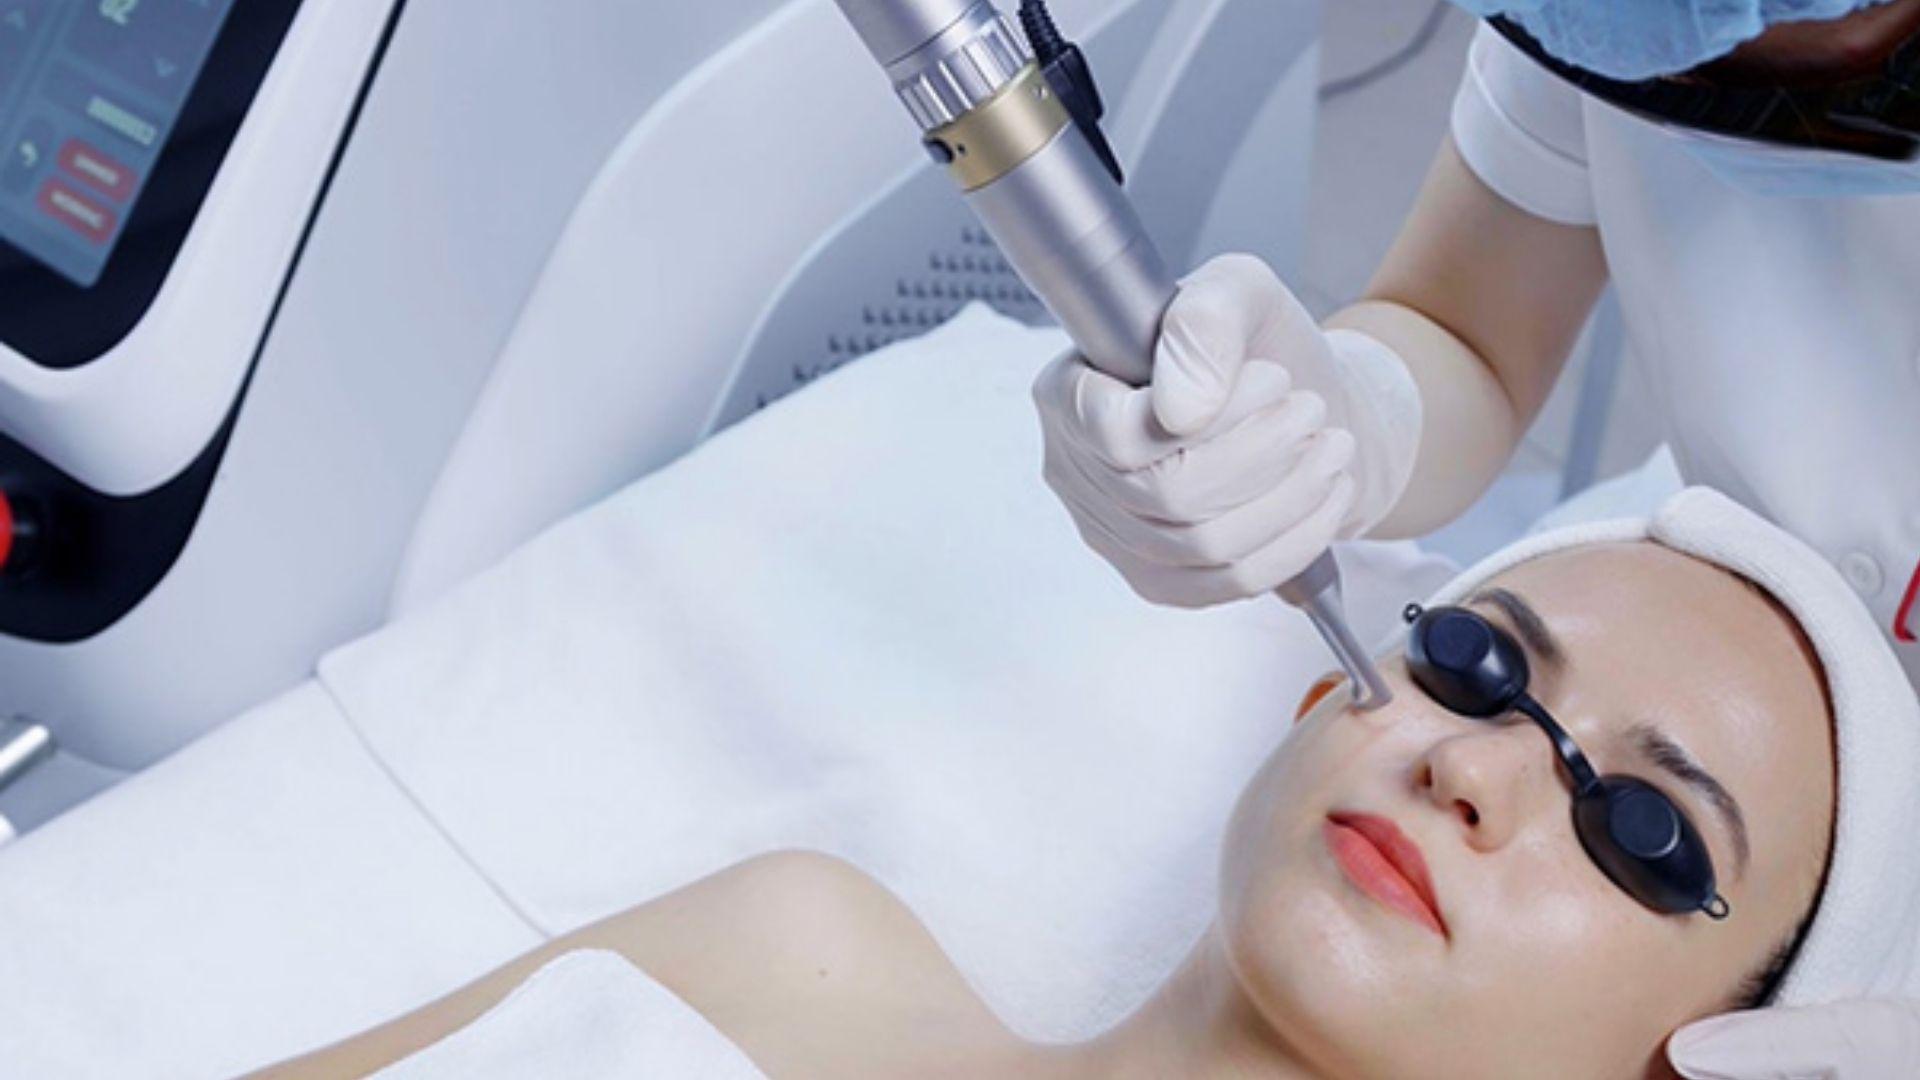 Công nghệ laser trị nám sau sinh tốt nhất hiện nay